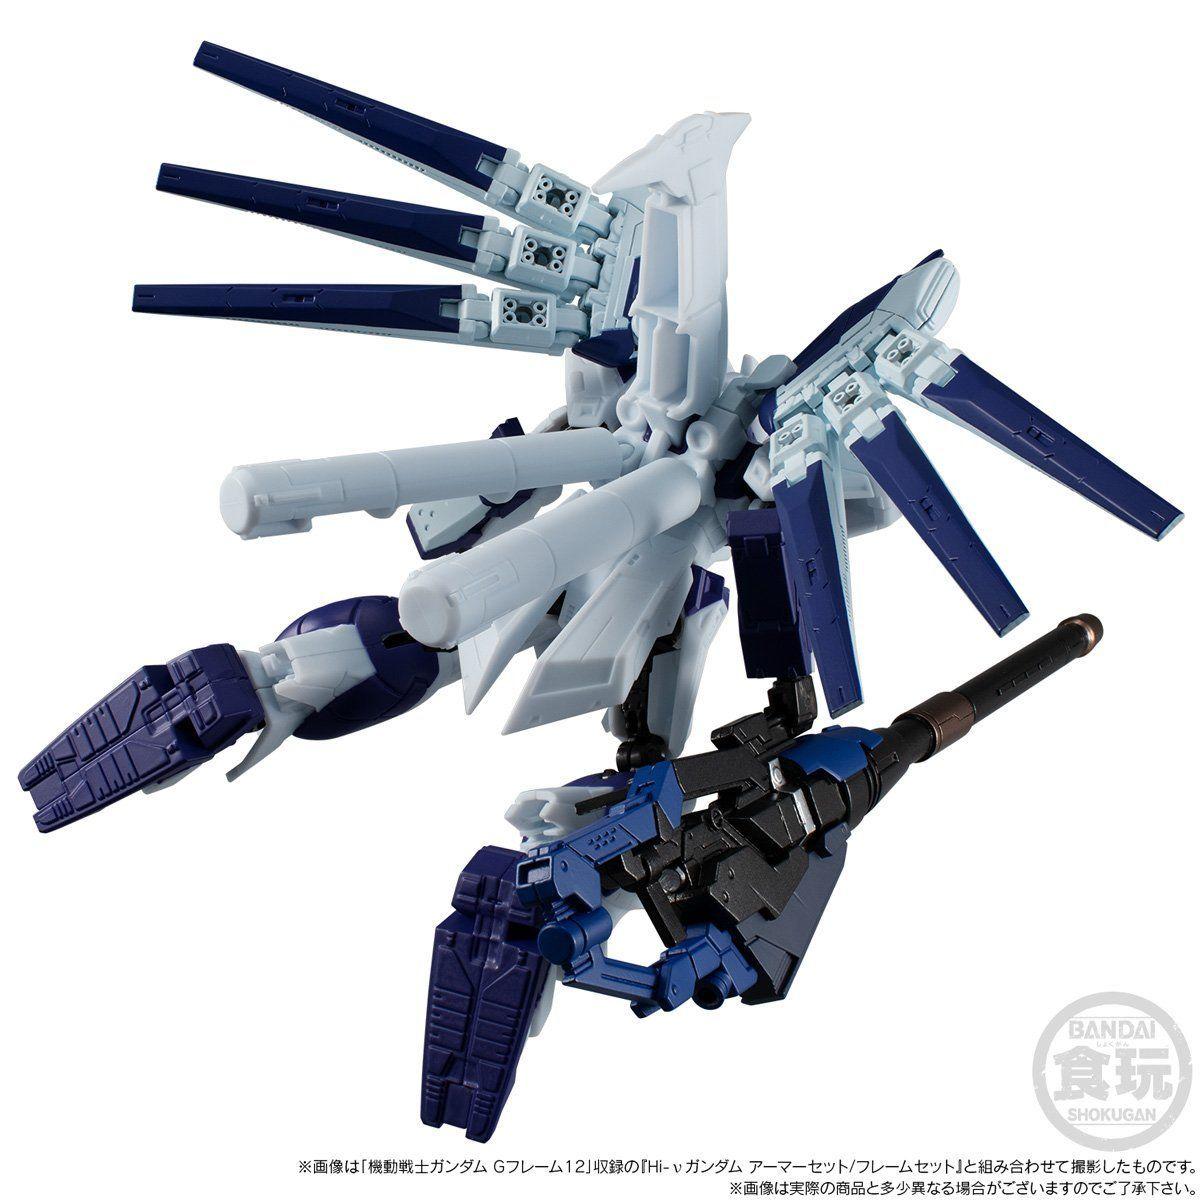 【限定販売】【食玩】機動戦士ガンダム『Gフレーム Hi-νガンダム オプションパーツセット』-007